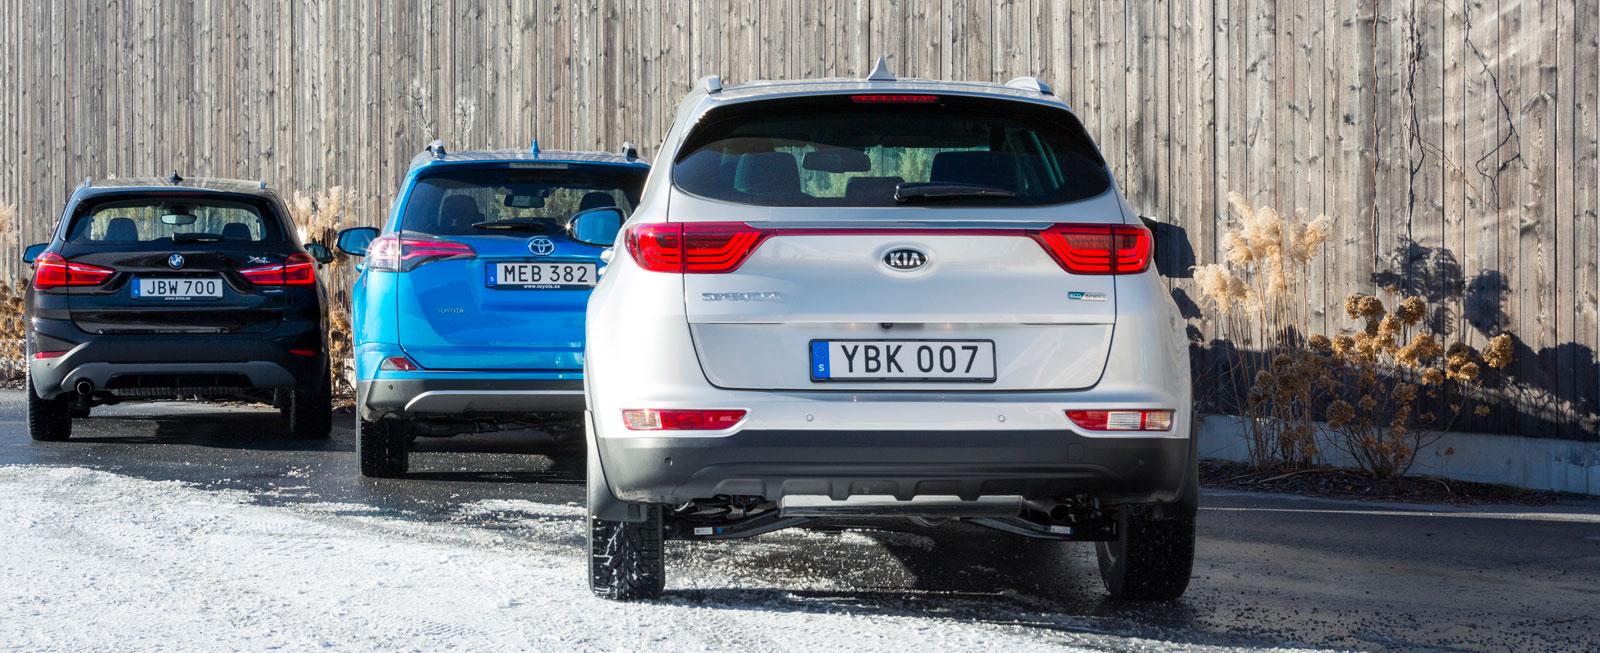 """BMW X1 är ett smidigare, lägre """"högbygge"""" än Toyota och Kia. RAV4 Hybrid tar mest bagage."""